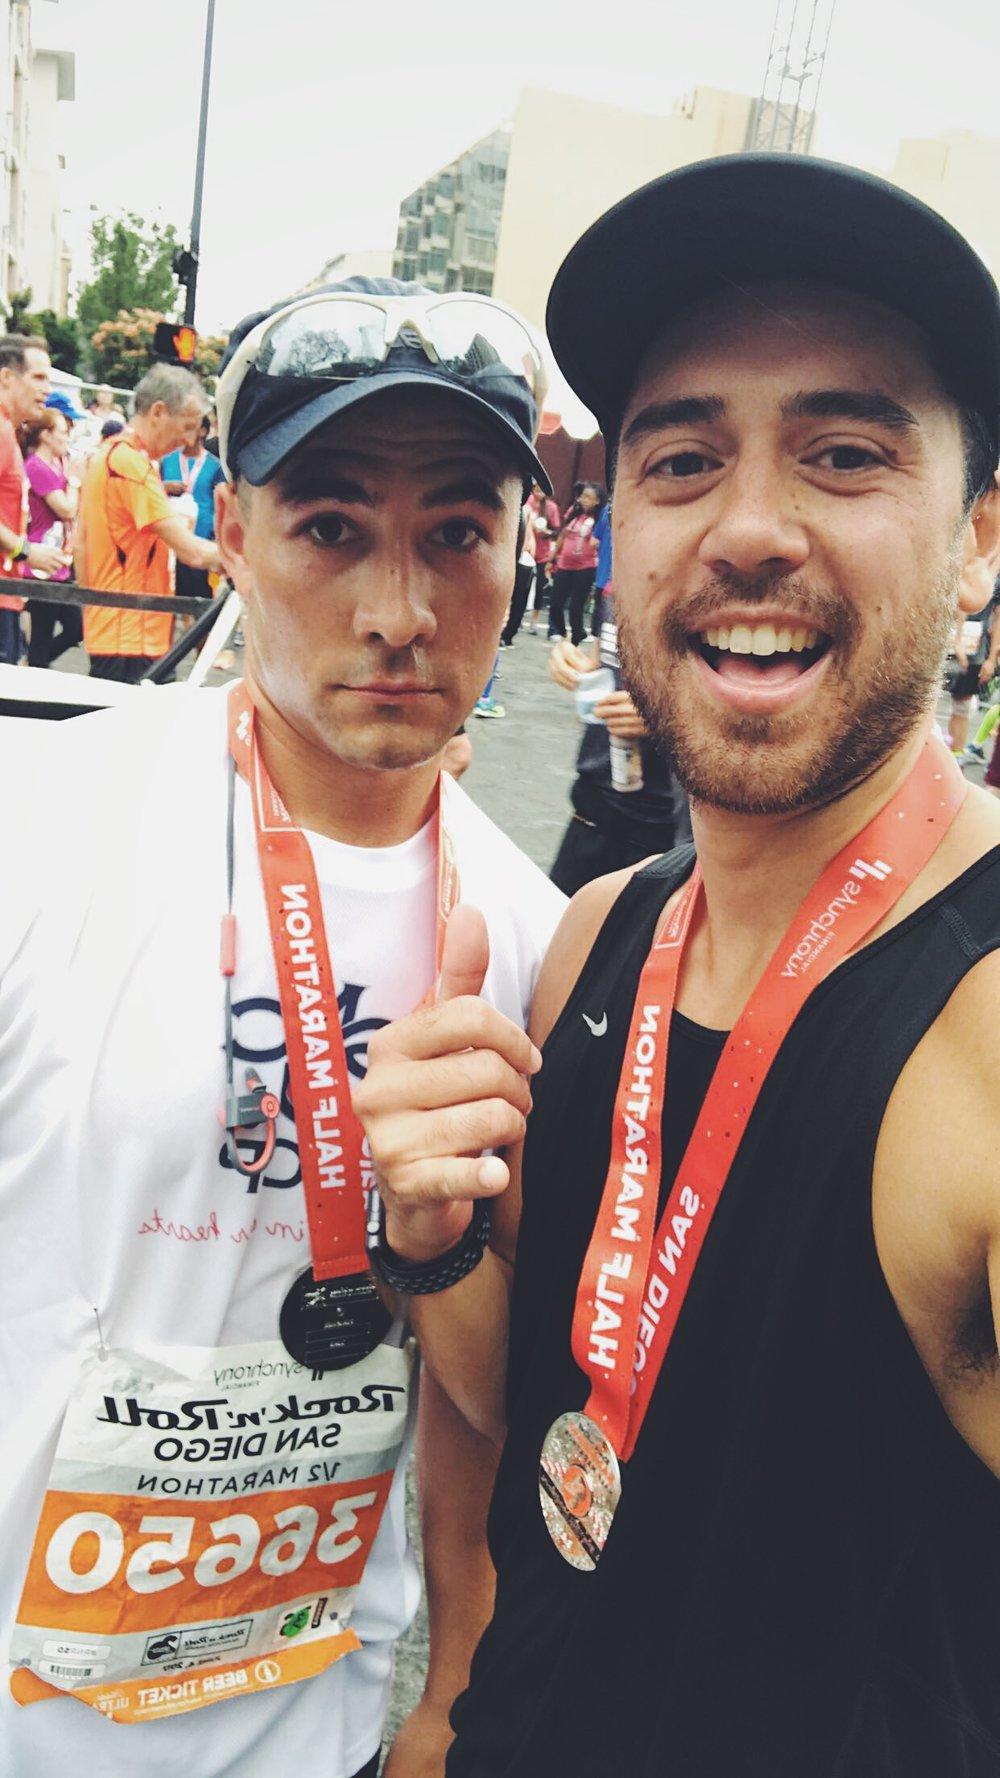 rocknrollhalfmarathon